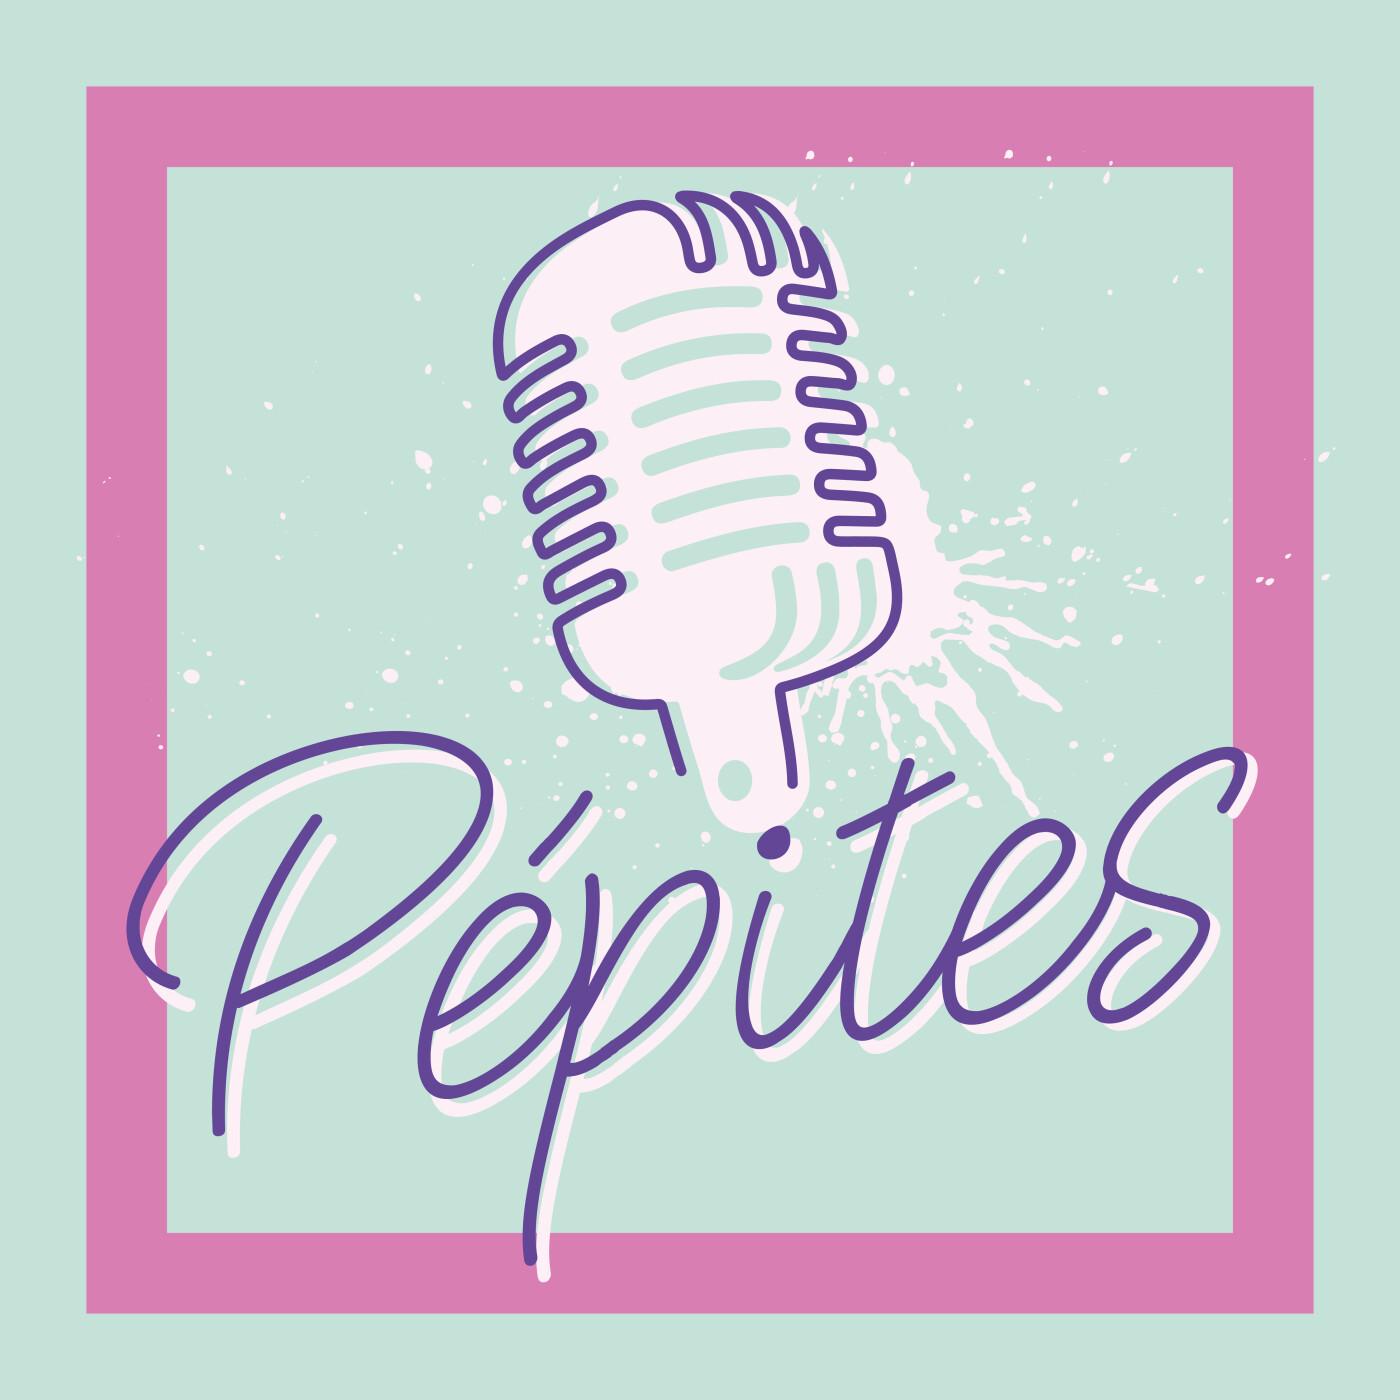 Pépites - Ep 8.5 Pendant ce temps dans l'esprit de Juliette